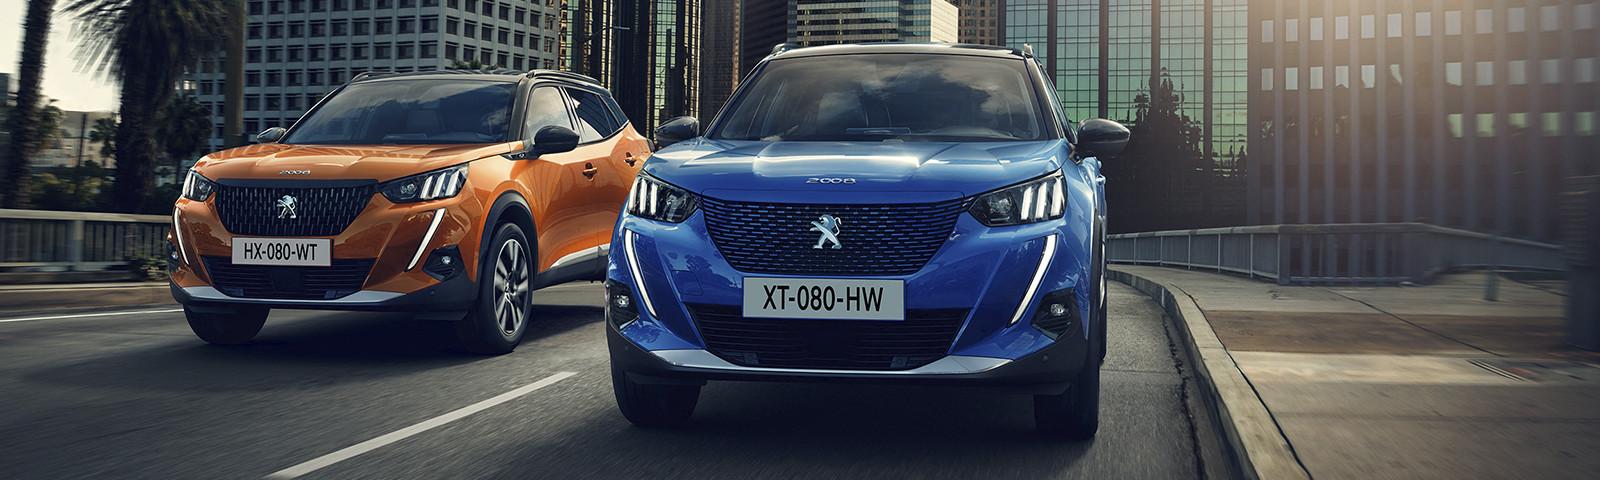 El primer semestre de 2019 concluye con Peugeot en cabeza del mercado español